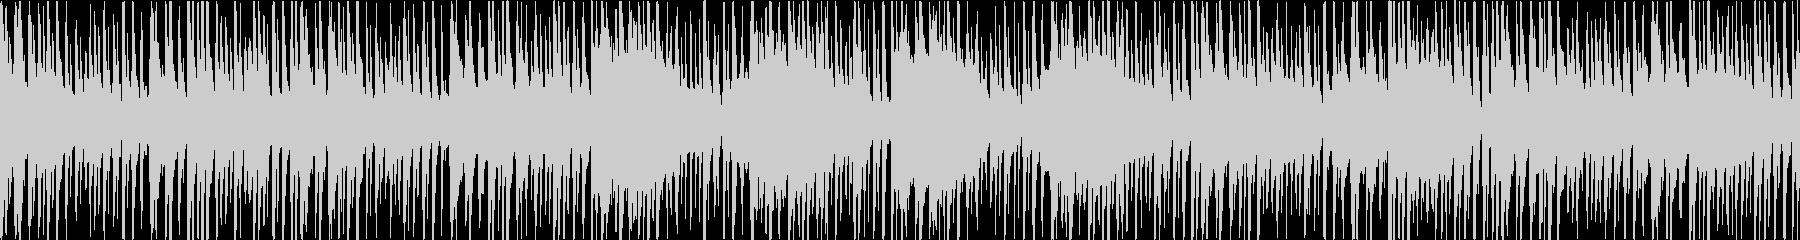 三味線等の和楽器を使ったアッパー和風曲の未再生の波形